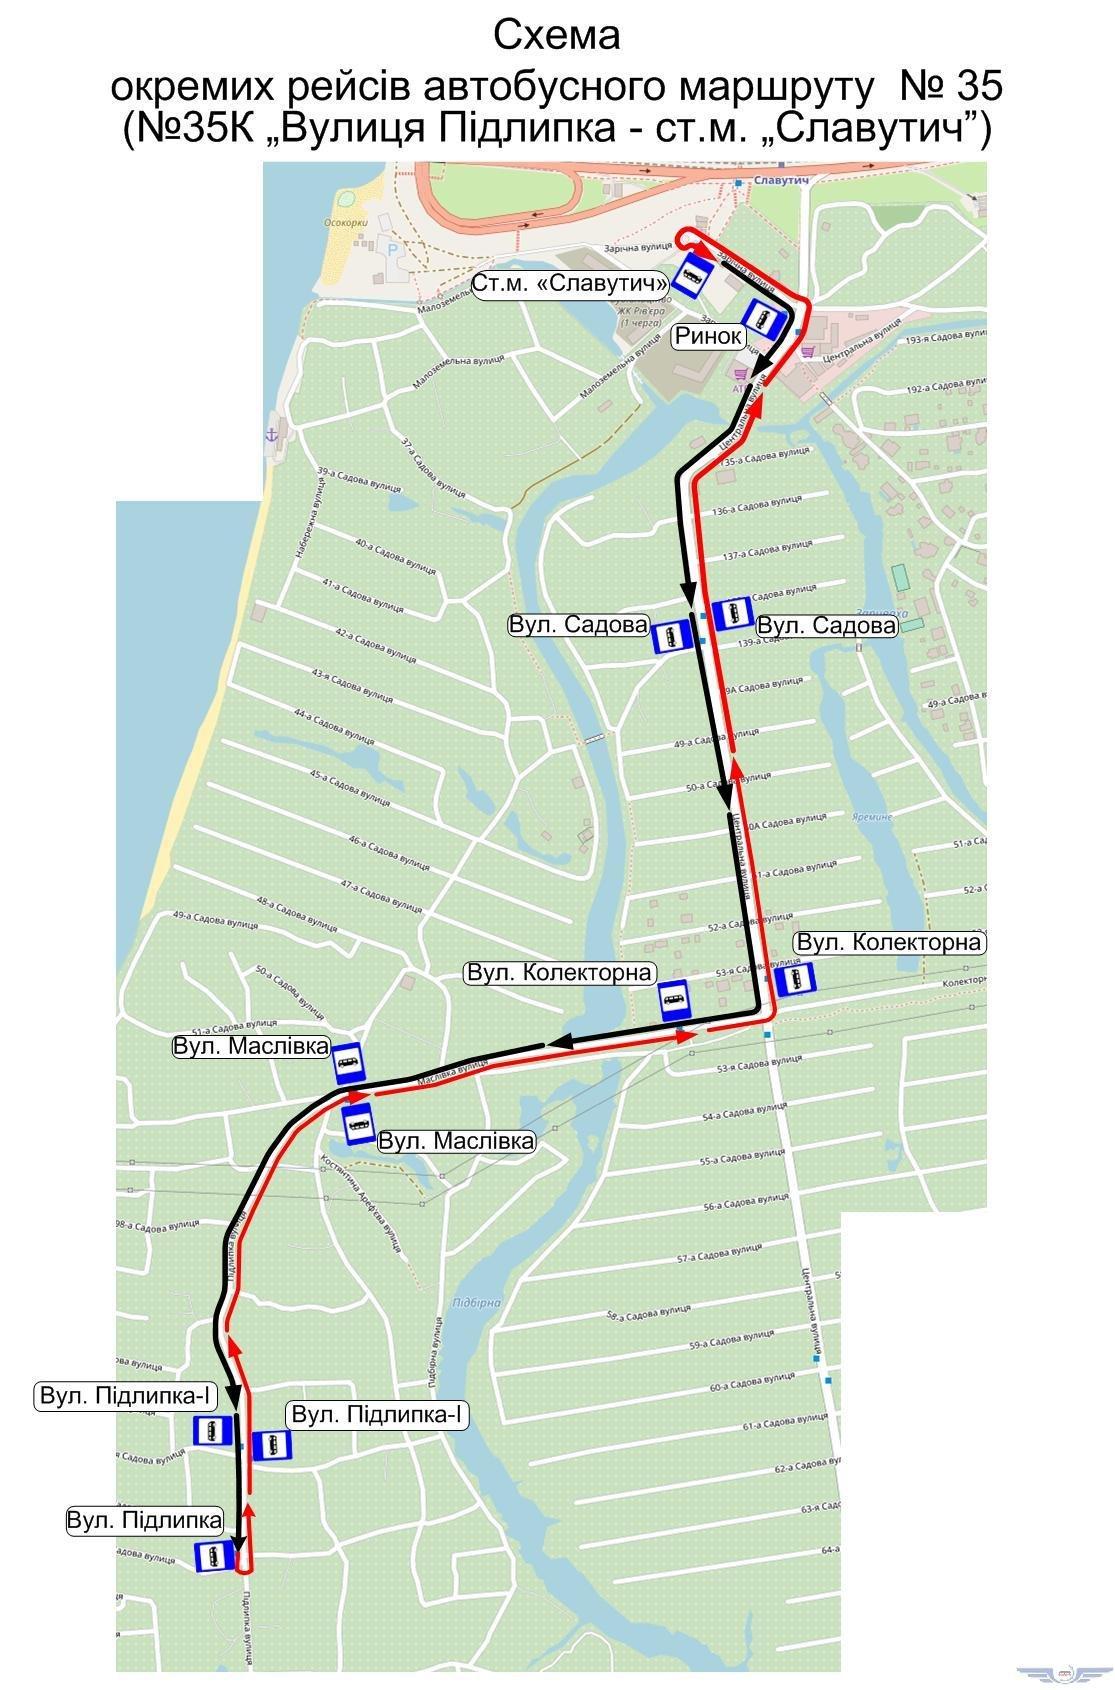 В Киеве изменится схема движения автобусов №35 и появится сокращенный маршрут №35К